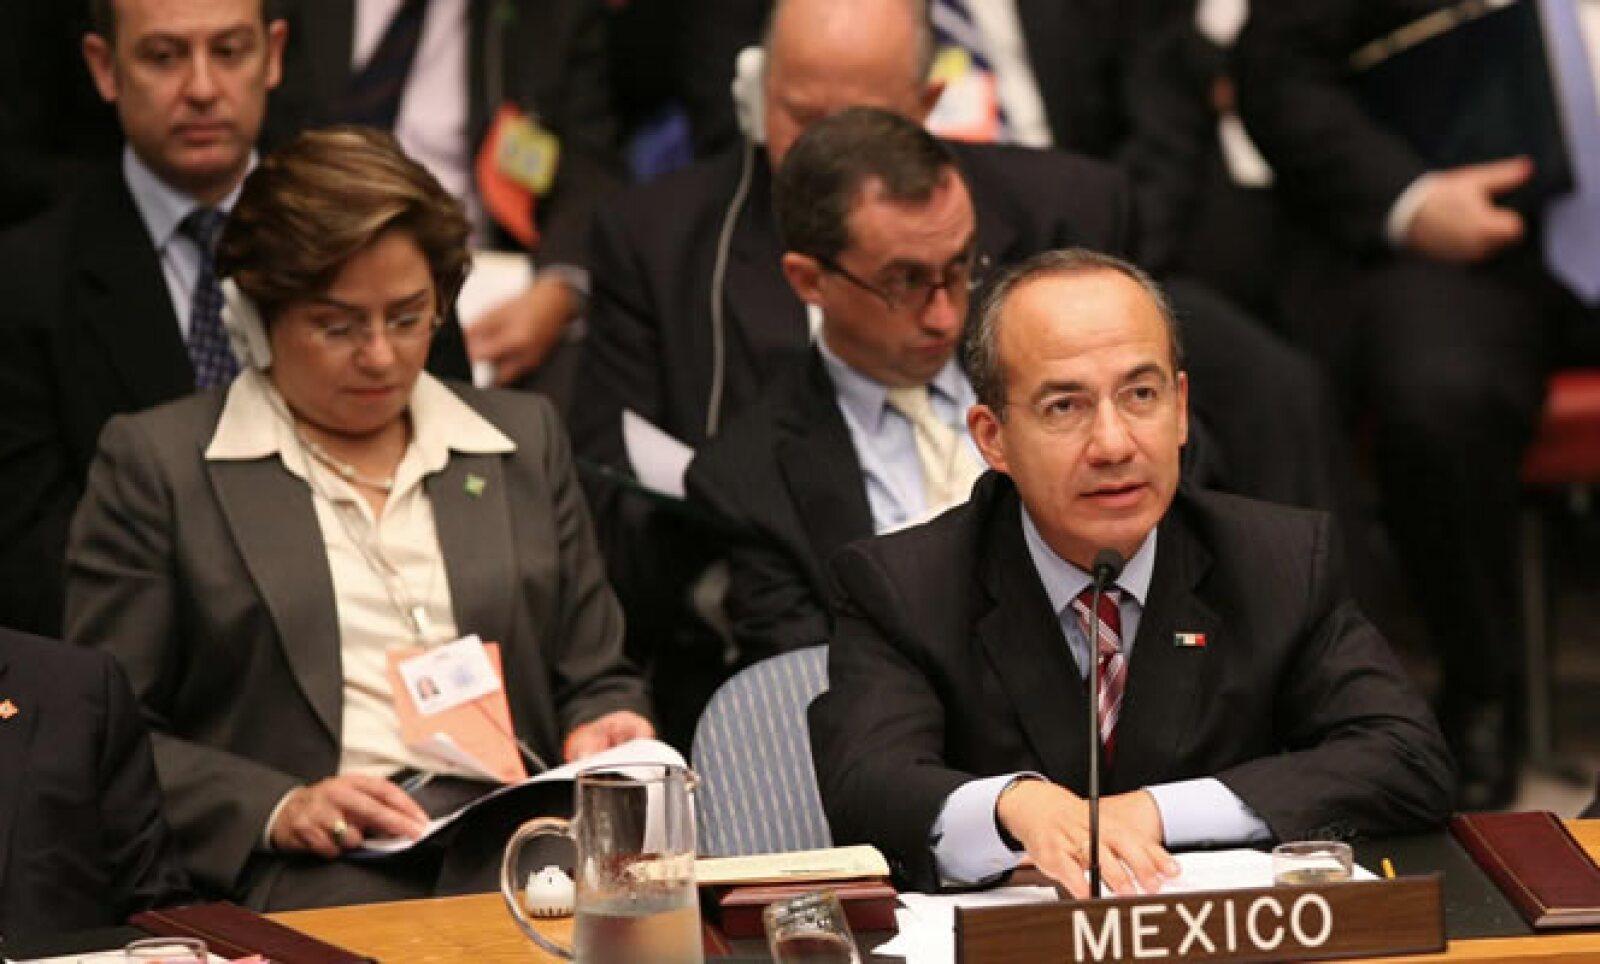 El presidente de México, Felipe Calderón, pidió ante el Consejo de Seguridad de la ONU el apoyo de la comunidad para un desarme nuclear completo y lo señaló como único camino para la paz y seguridad mundial.